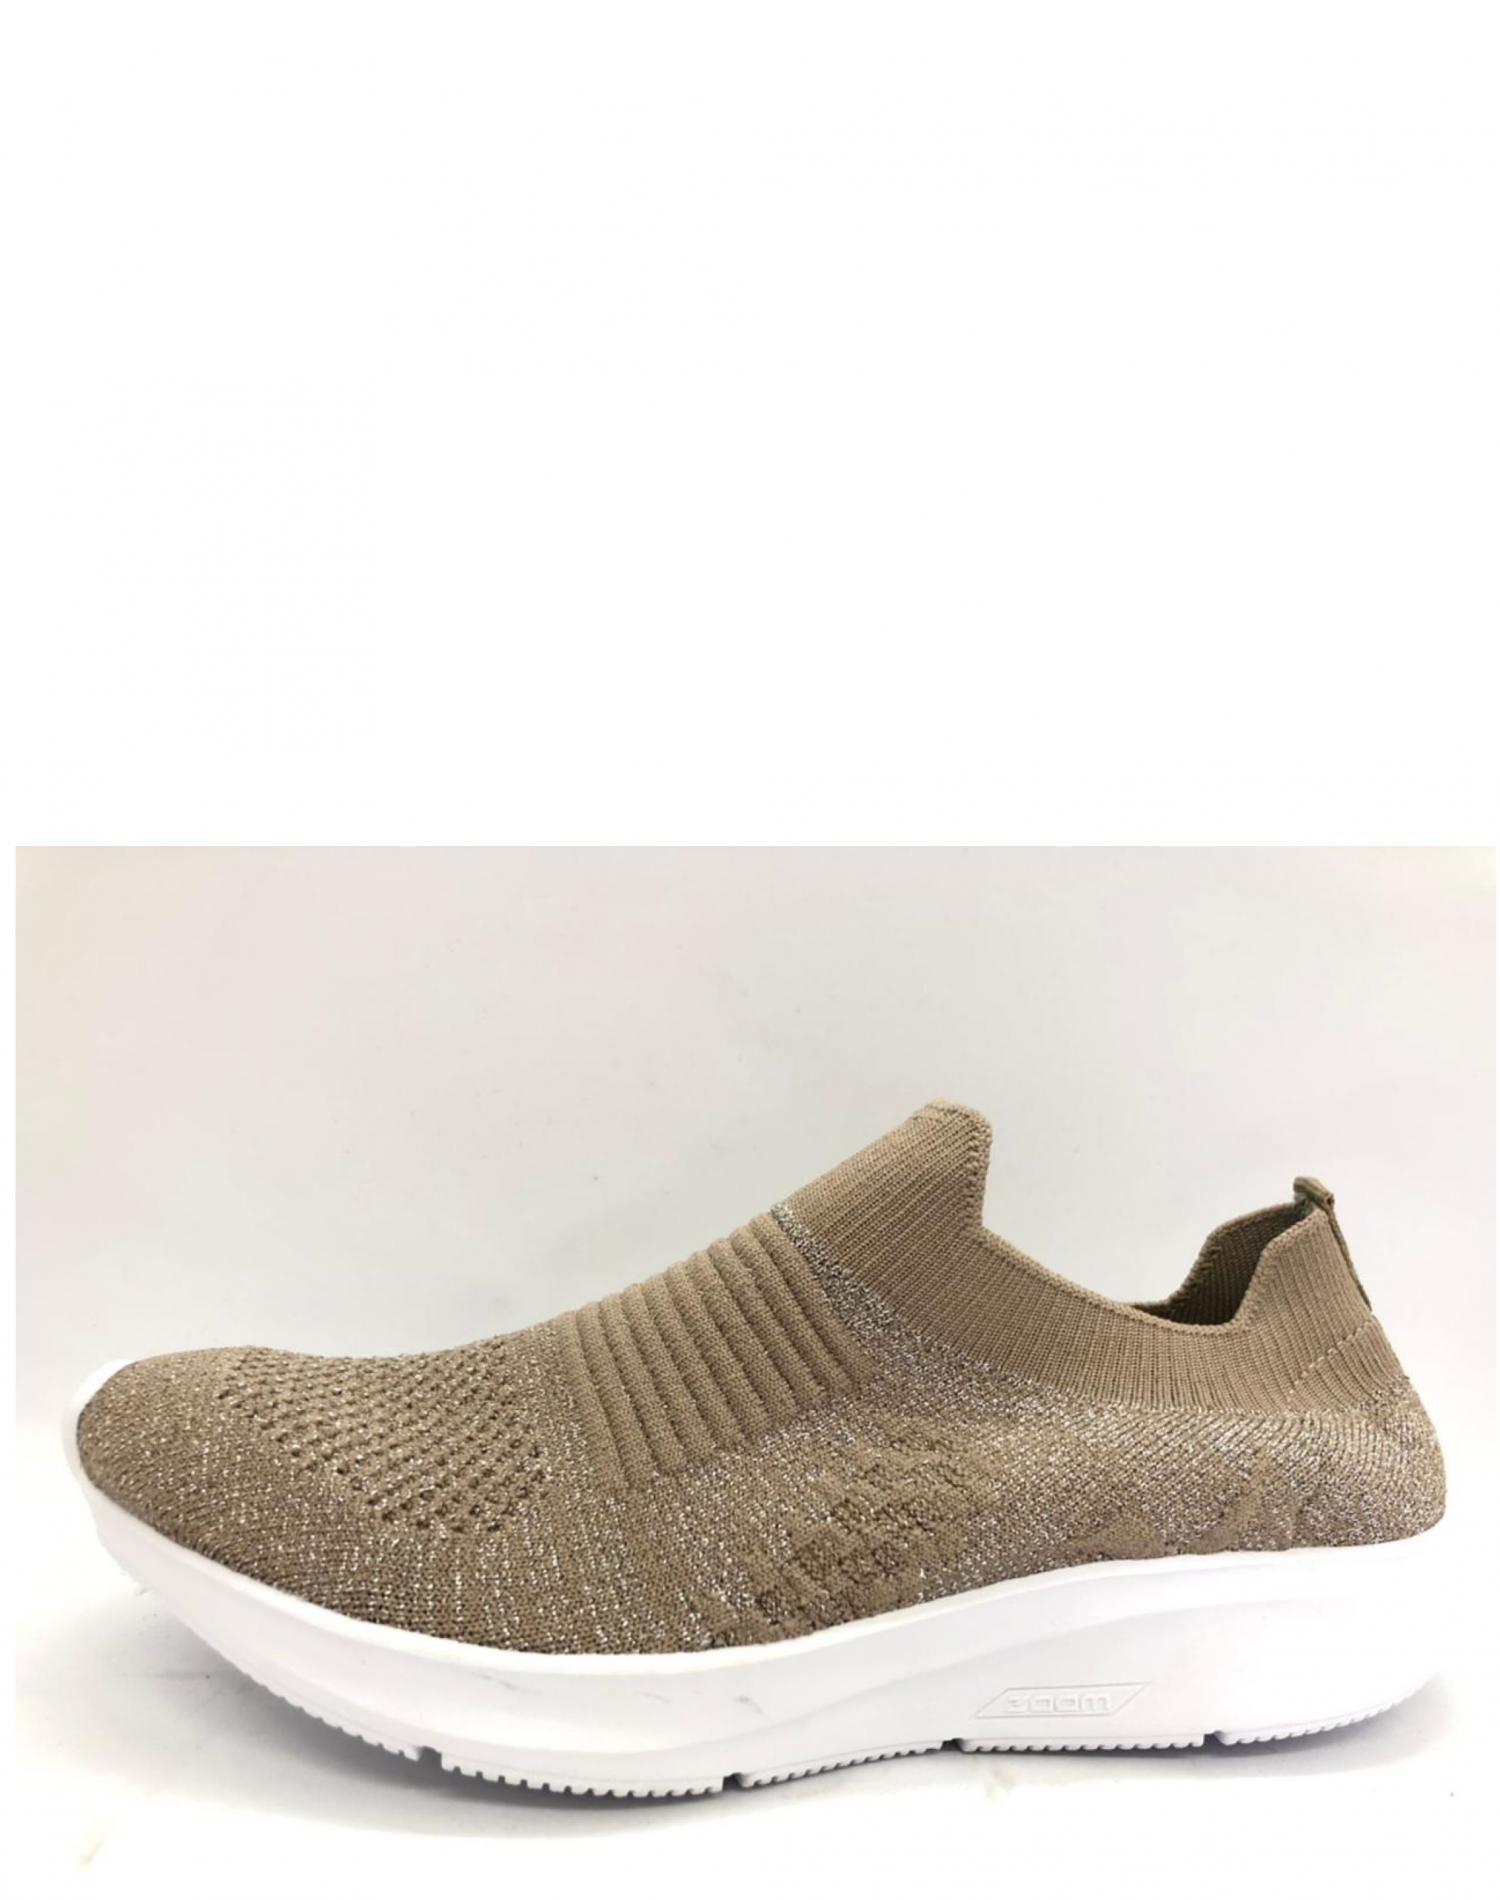 Zapatilla Beige One Foot Lurex